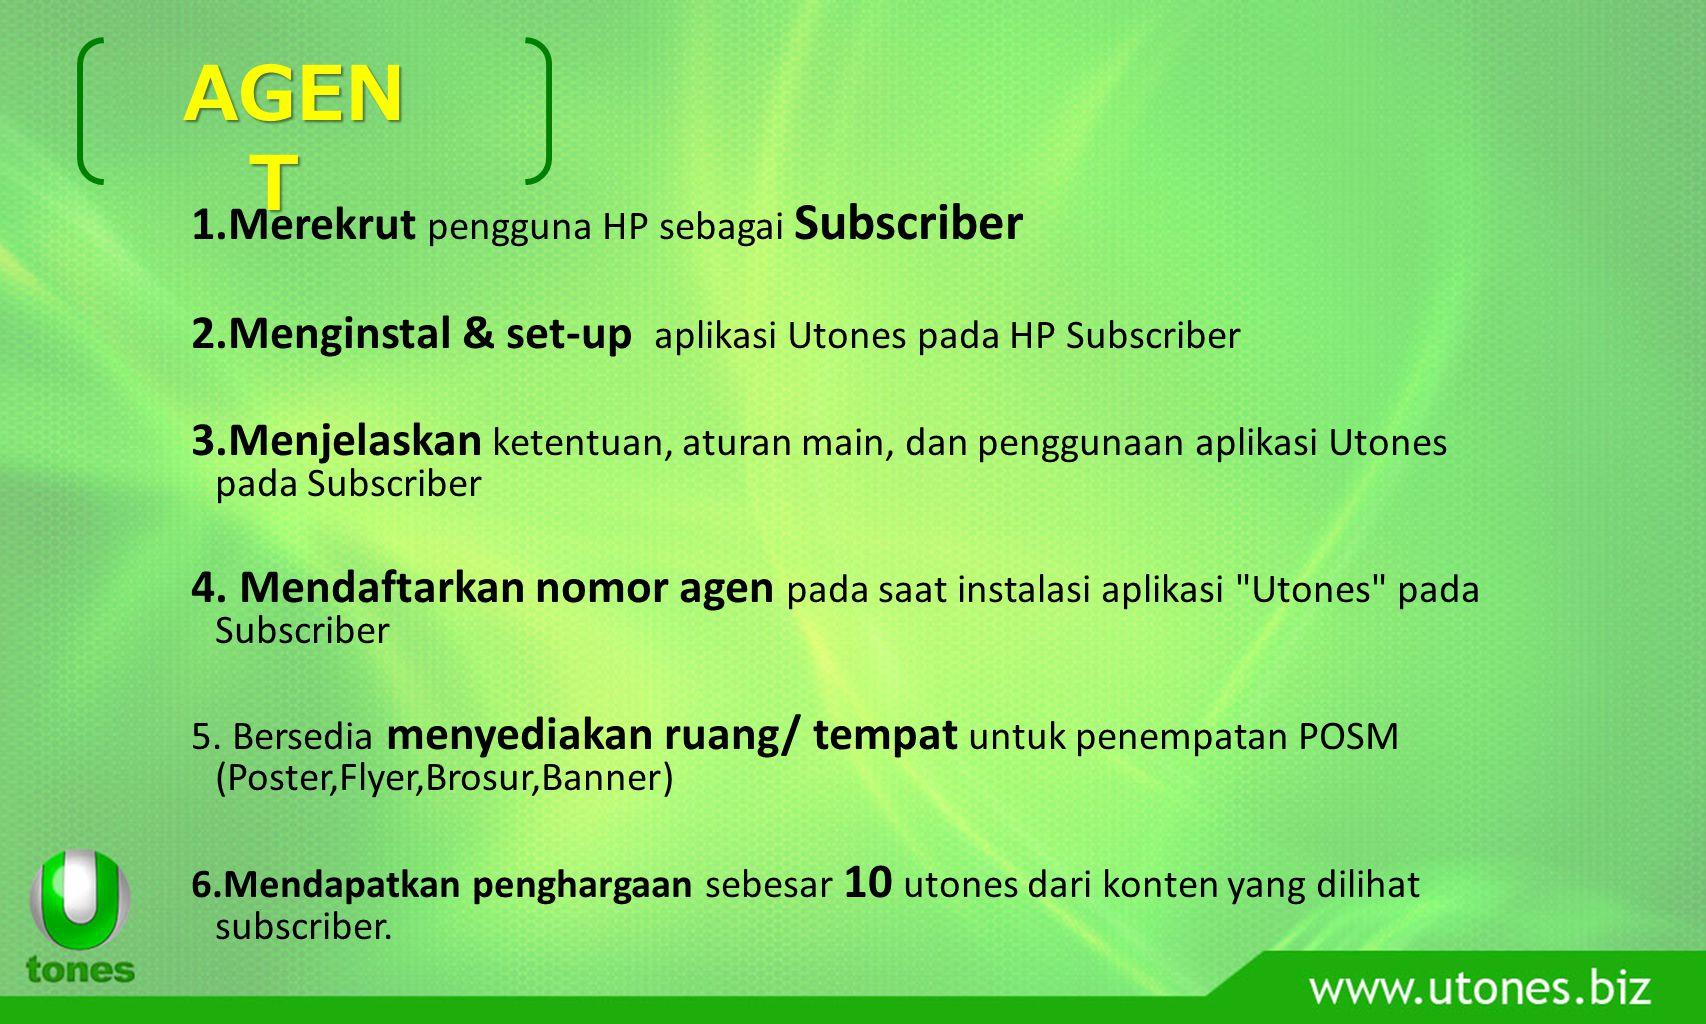 1.Merekrut pengguna HP sebagai Subscriber 2.Menginstal & set-up aplikasi Utones pada HP Subscriber 3.Menjelaskan ketentuan, aturan main, dan penggunaan aplikasi Utones pada Subscriber 4.